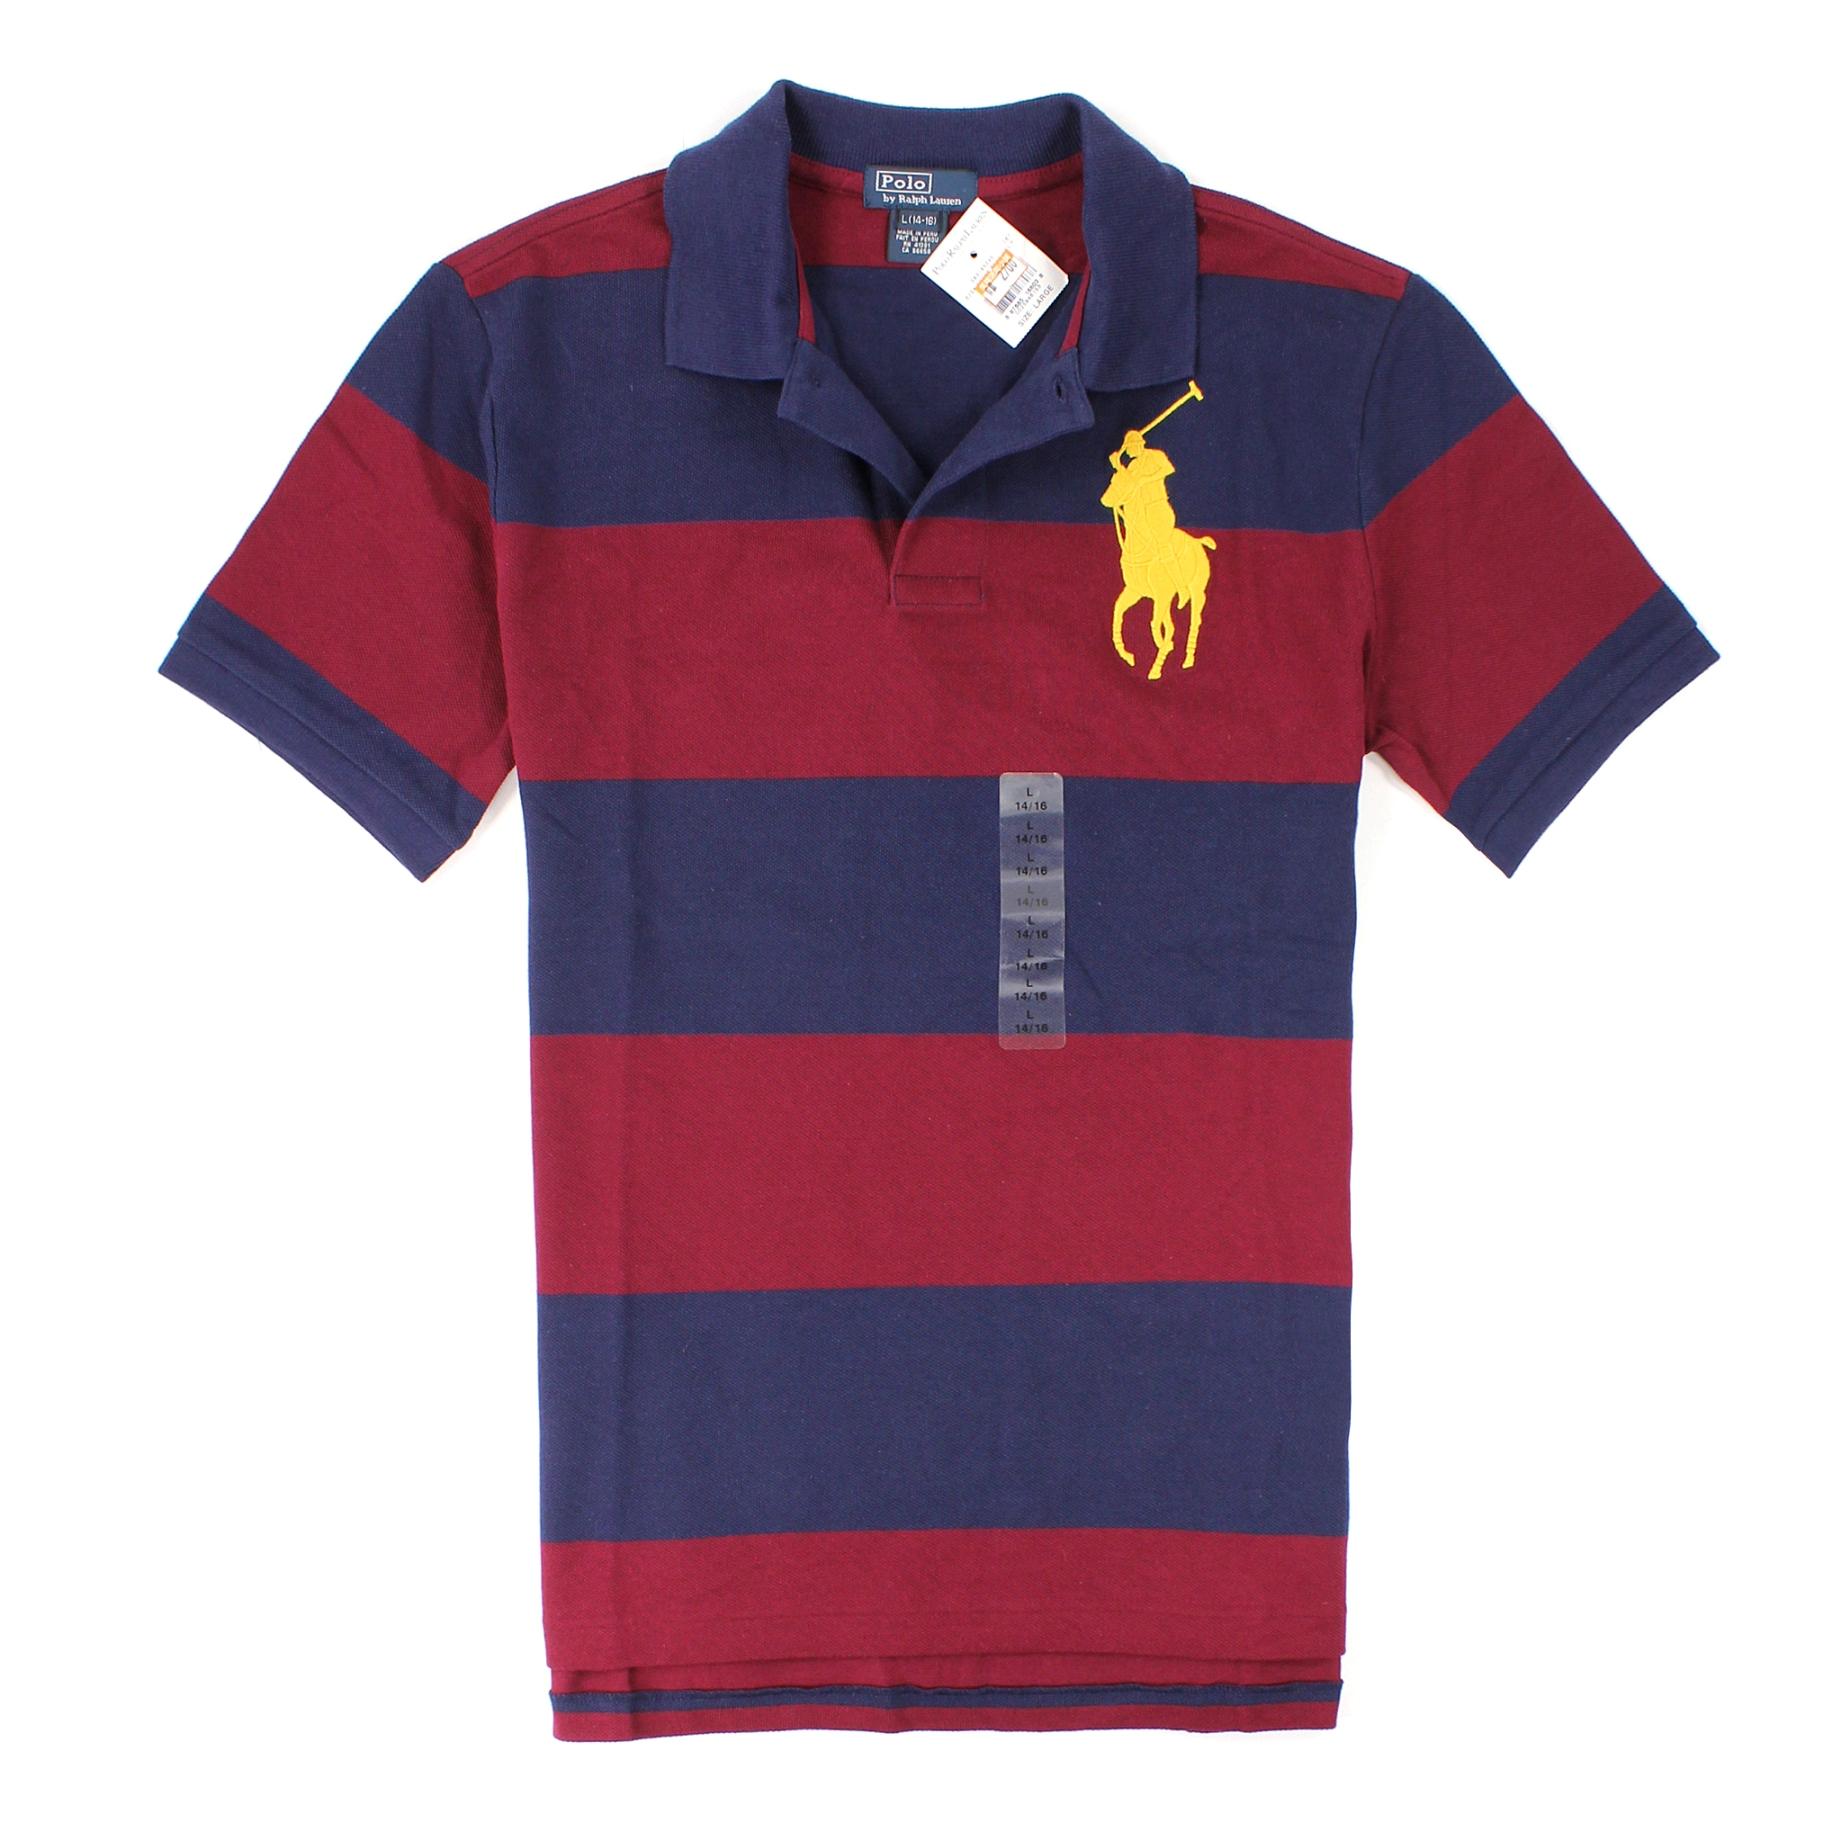 美國百分百【全新真品】Ralph Lauren Polo衫 RL 上衣 短袖 Polo 大馬 藍 紅 條紋 網眼 純棉 男 XS號